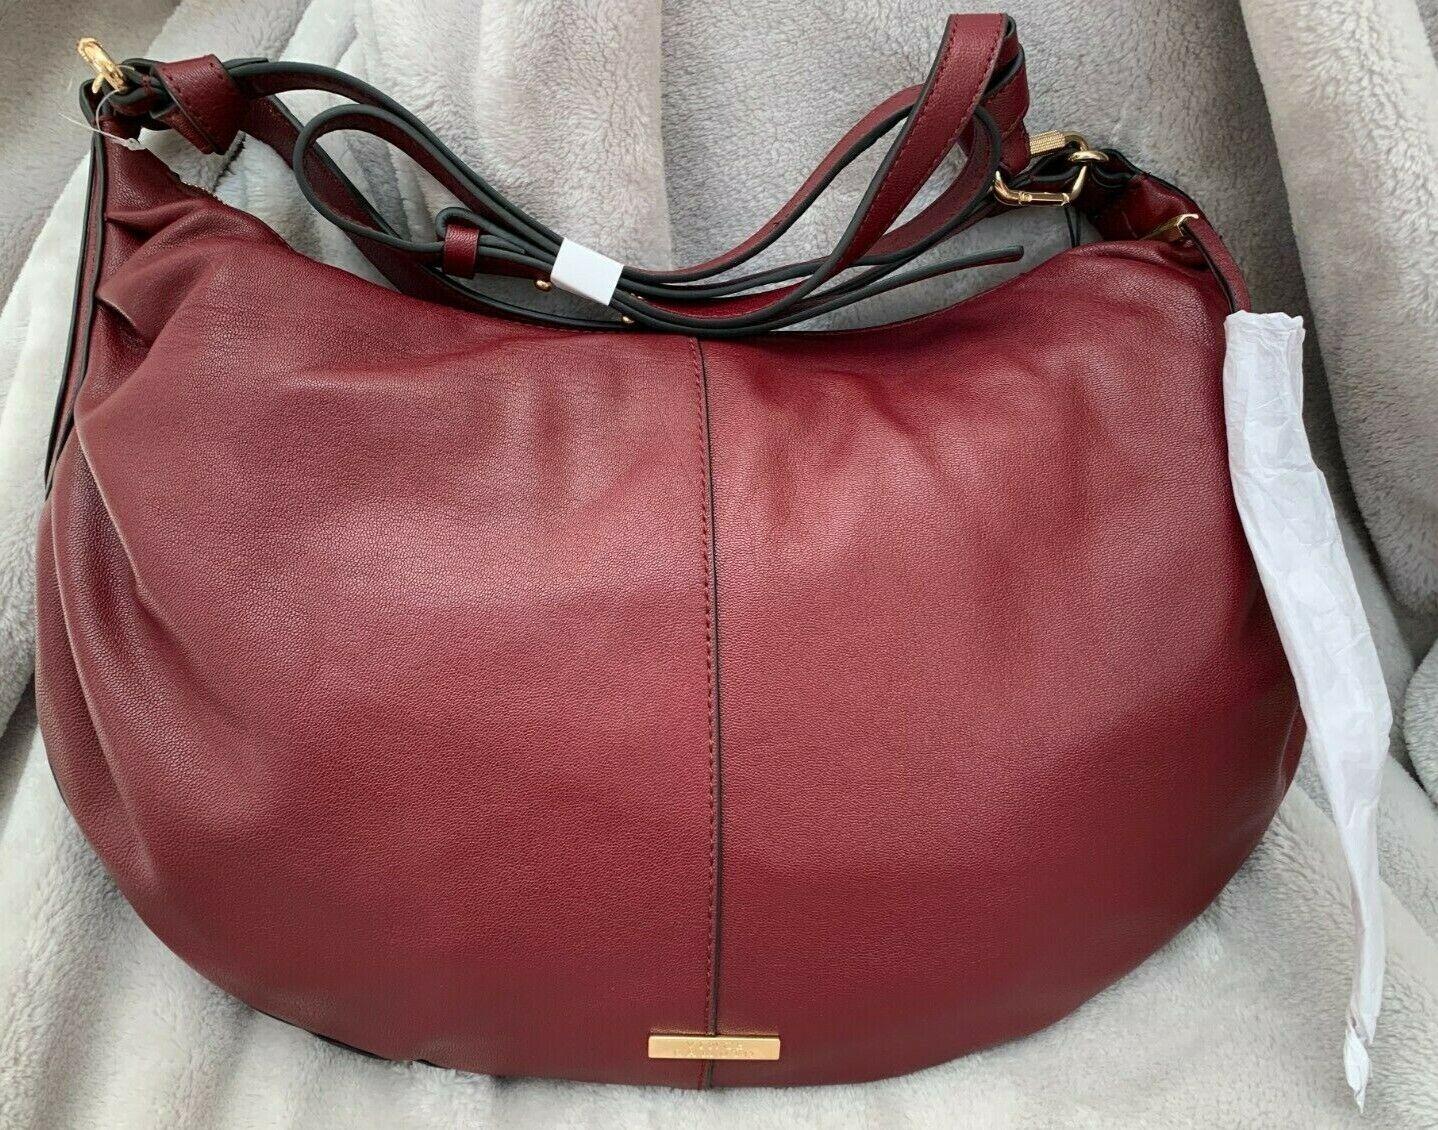 NWT! Designer Red Leather Handbag Vince Camuto Purse Hobo Shoulder Tote